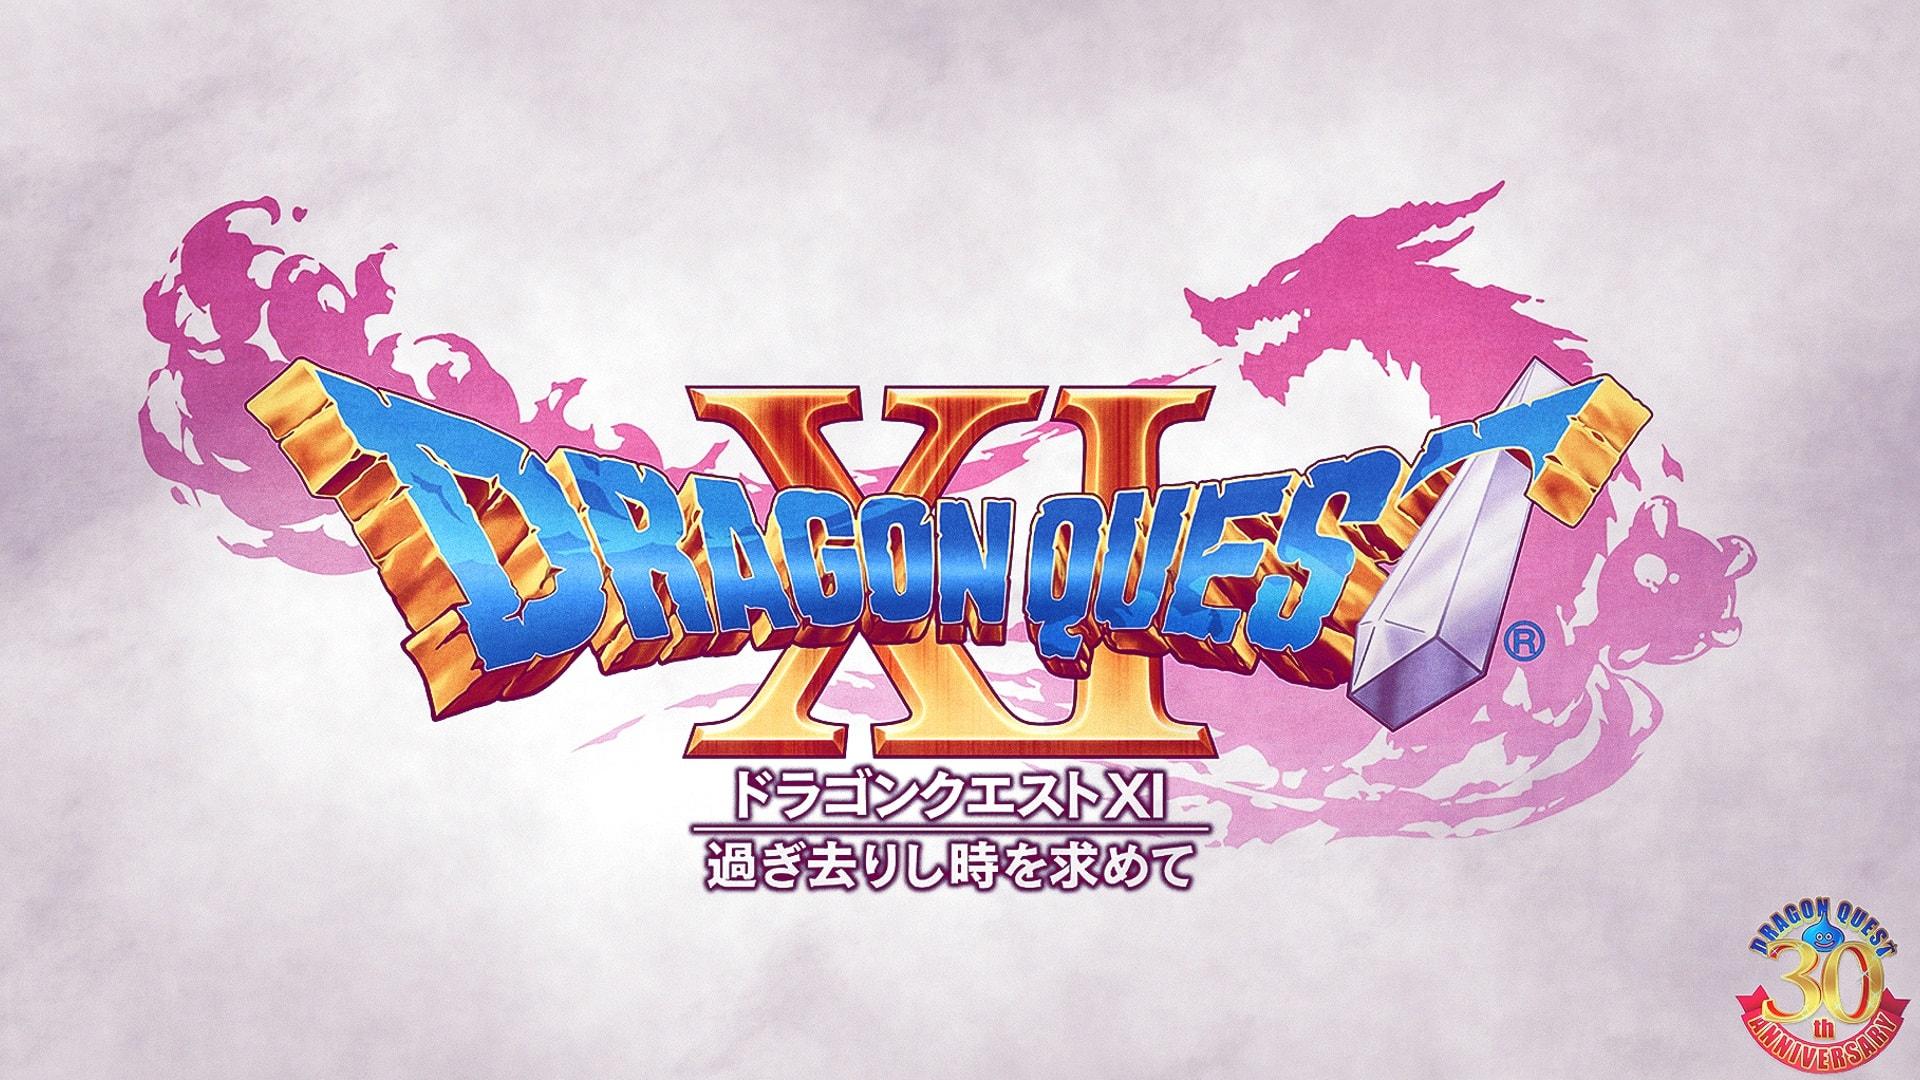 La música de Dragon Quest XI tendrá diferentes arreglos en sus versiones de PS4 y N3DS